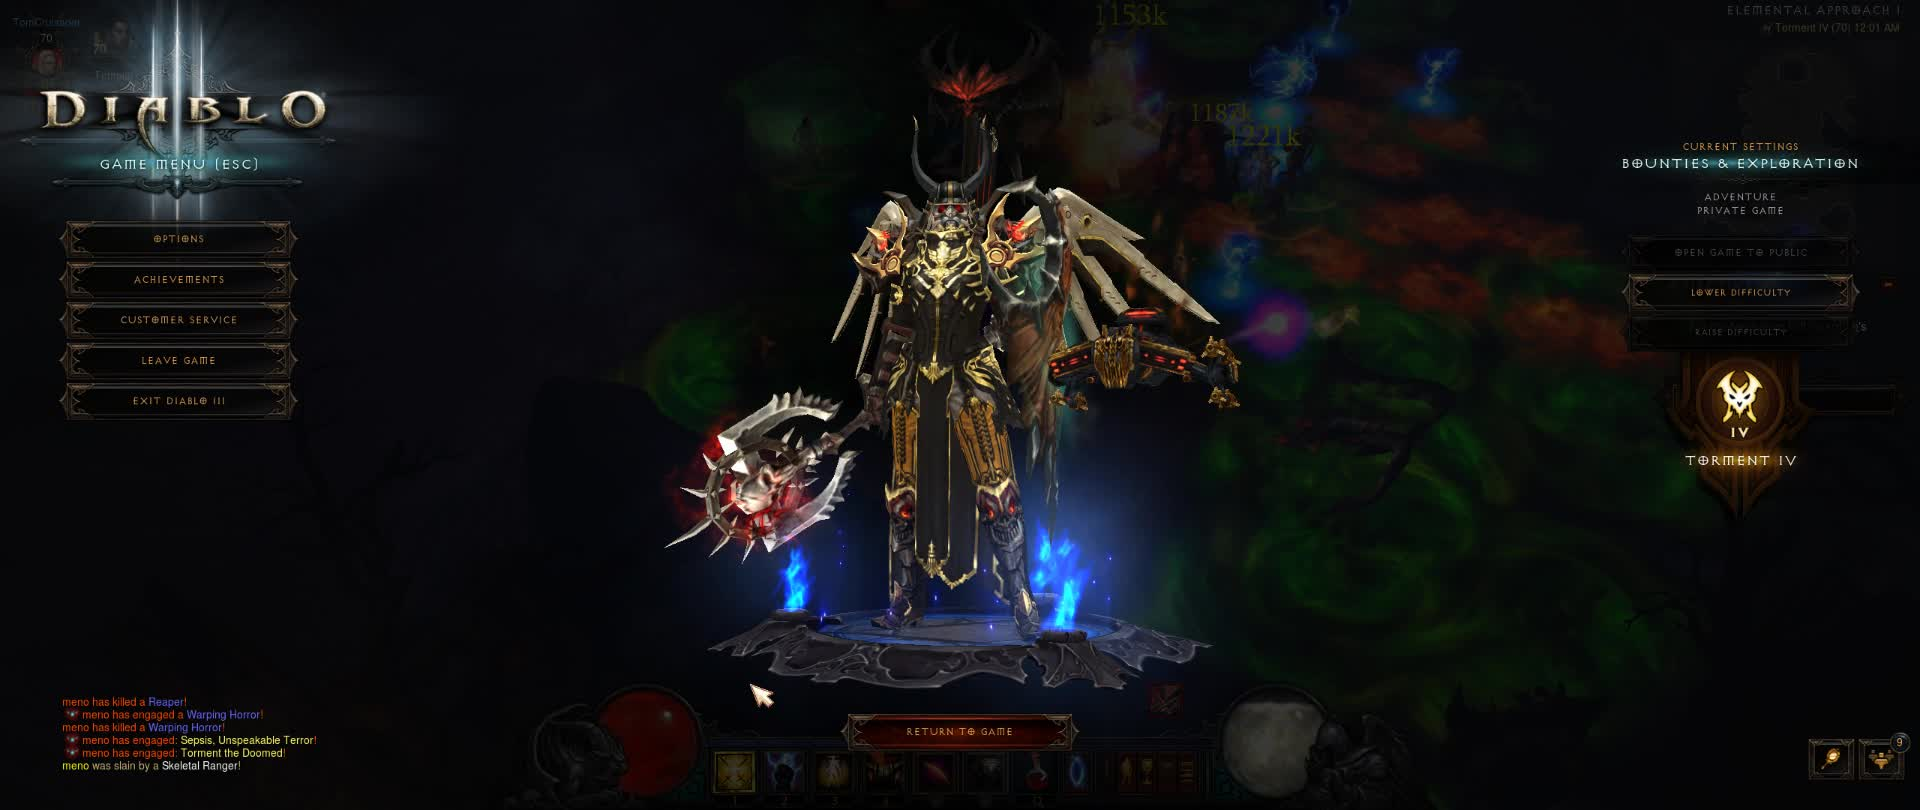 Diablo III 2019.01.06 - 00.01.54.01 GIFs